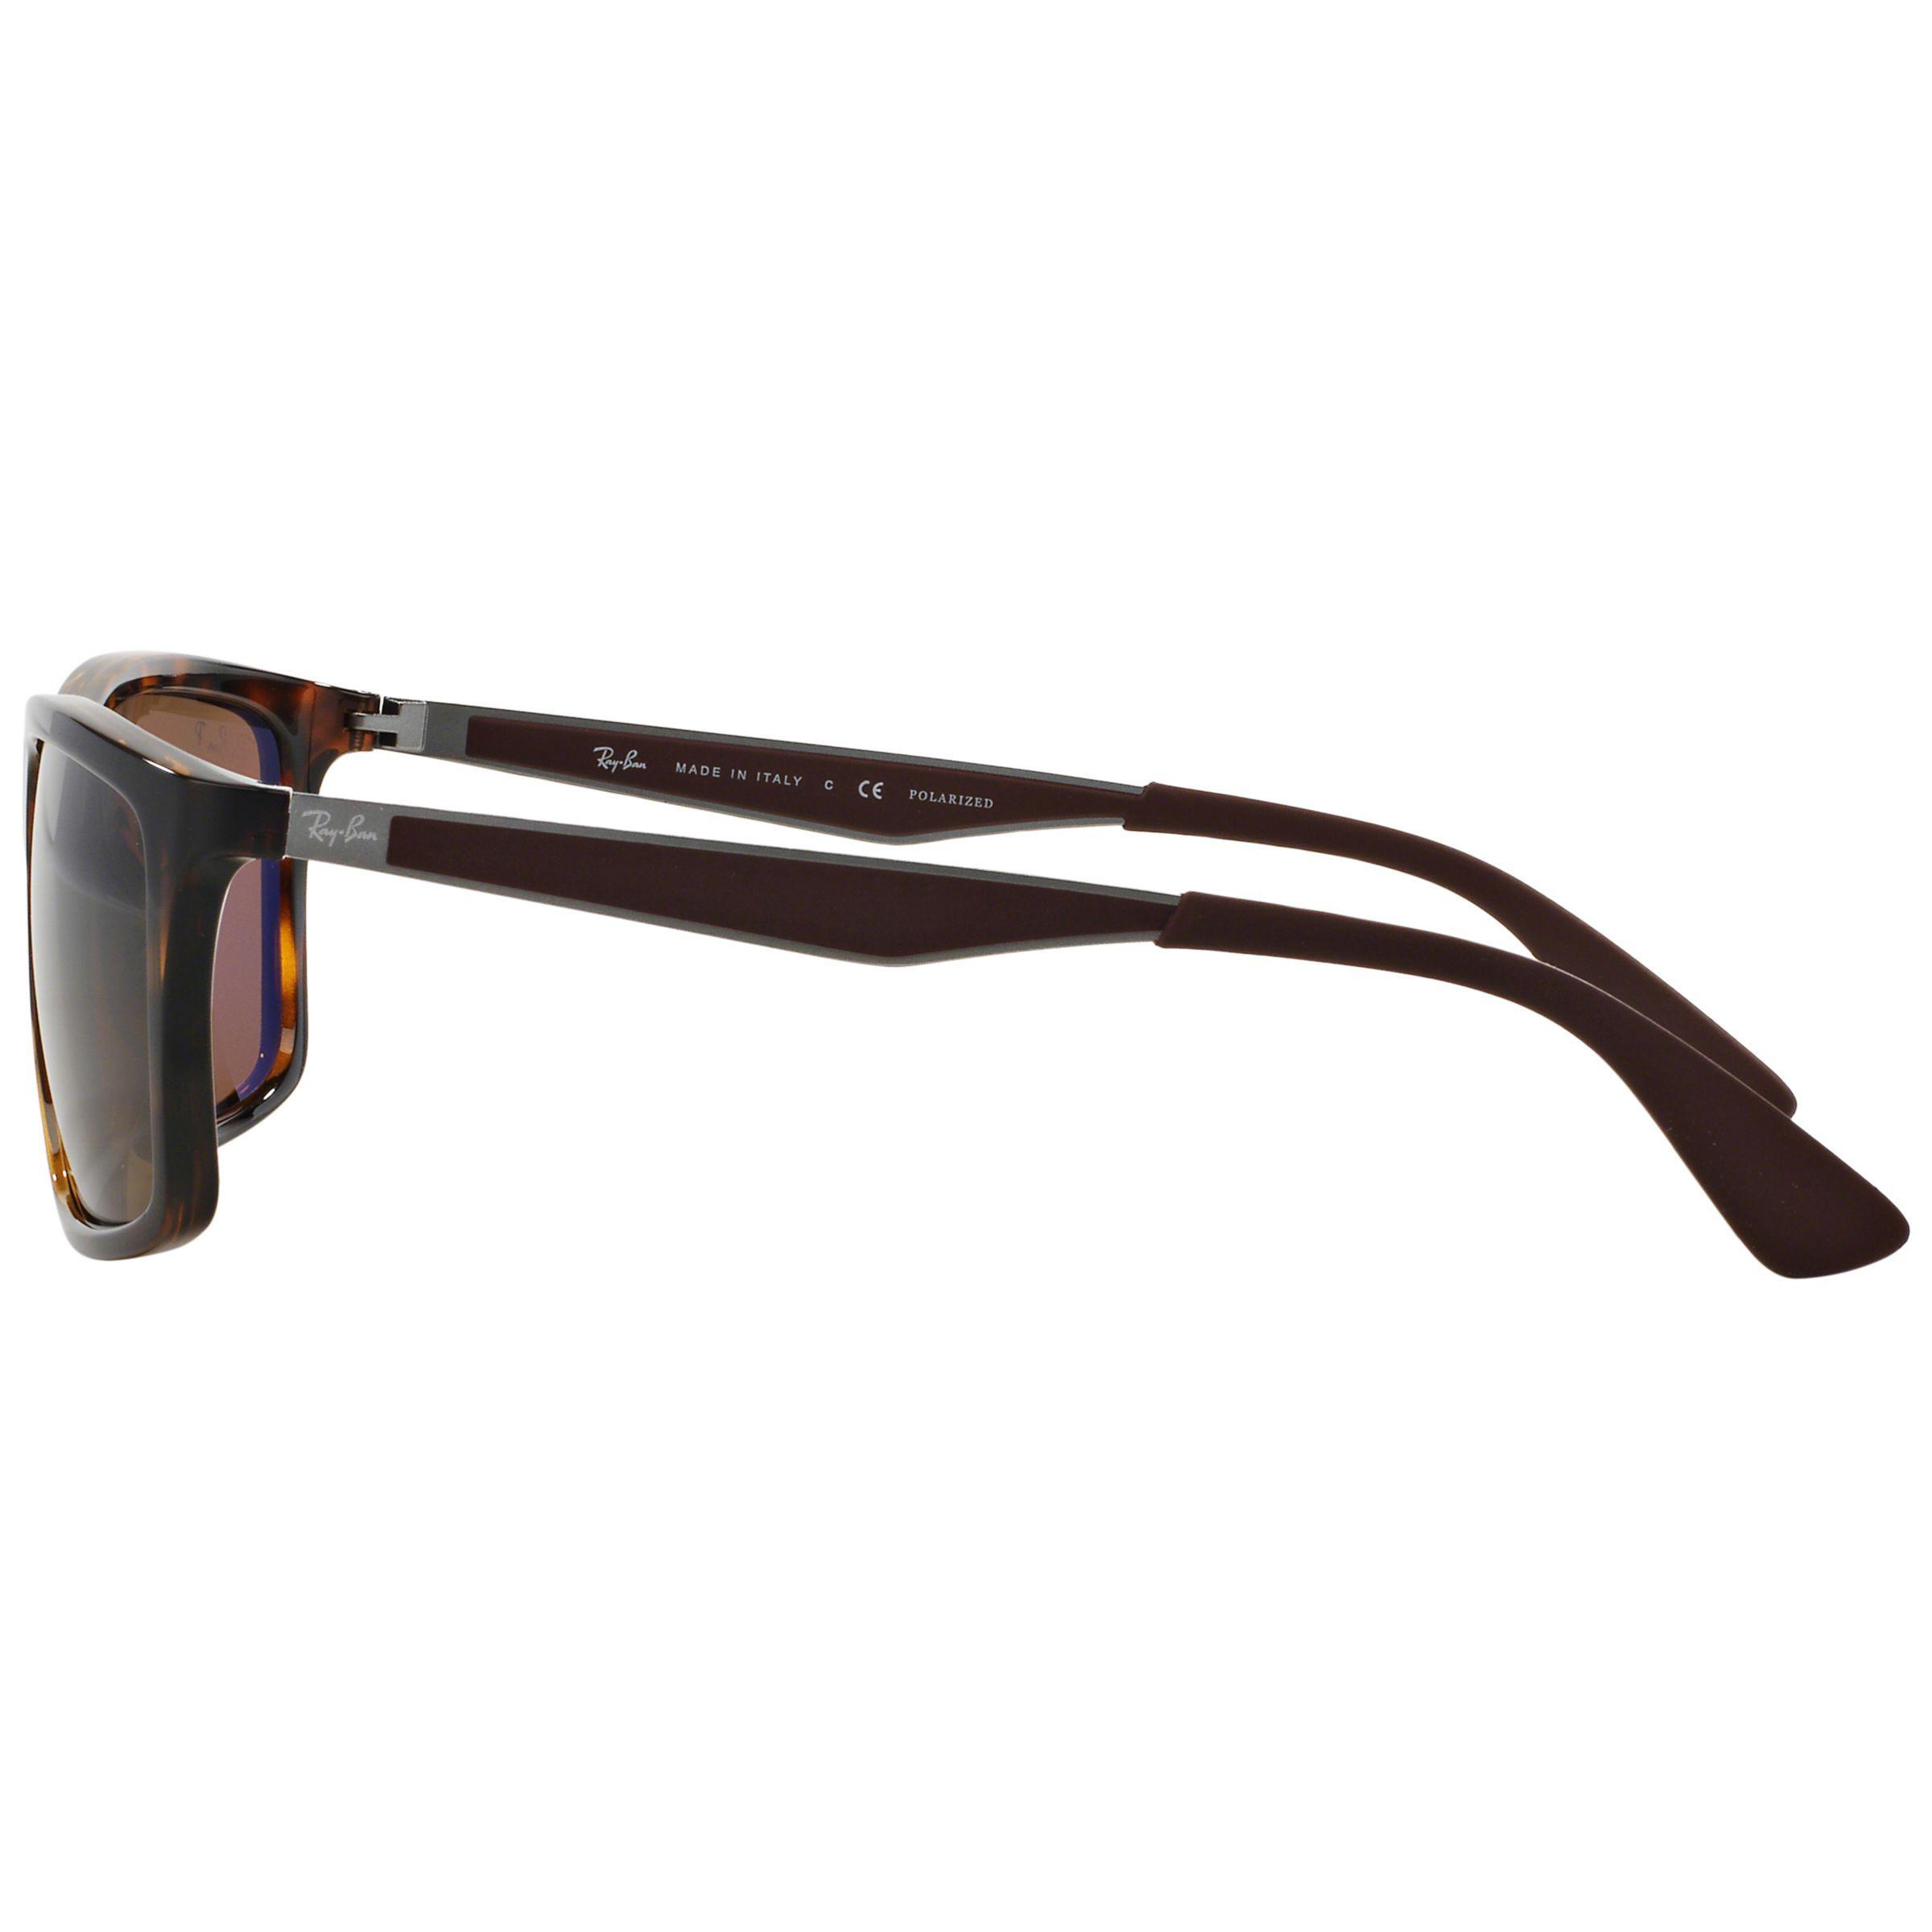 Ray-Ban Rb4228 Polarised Rectangular Framed Sunglasses in Tortoise (Brown) for Men